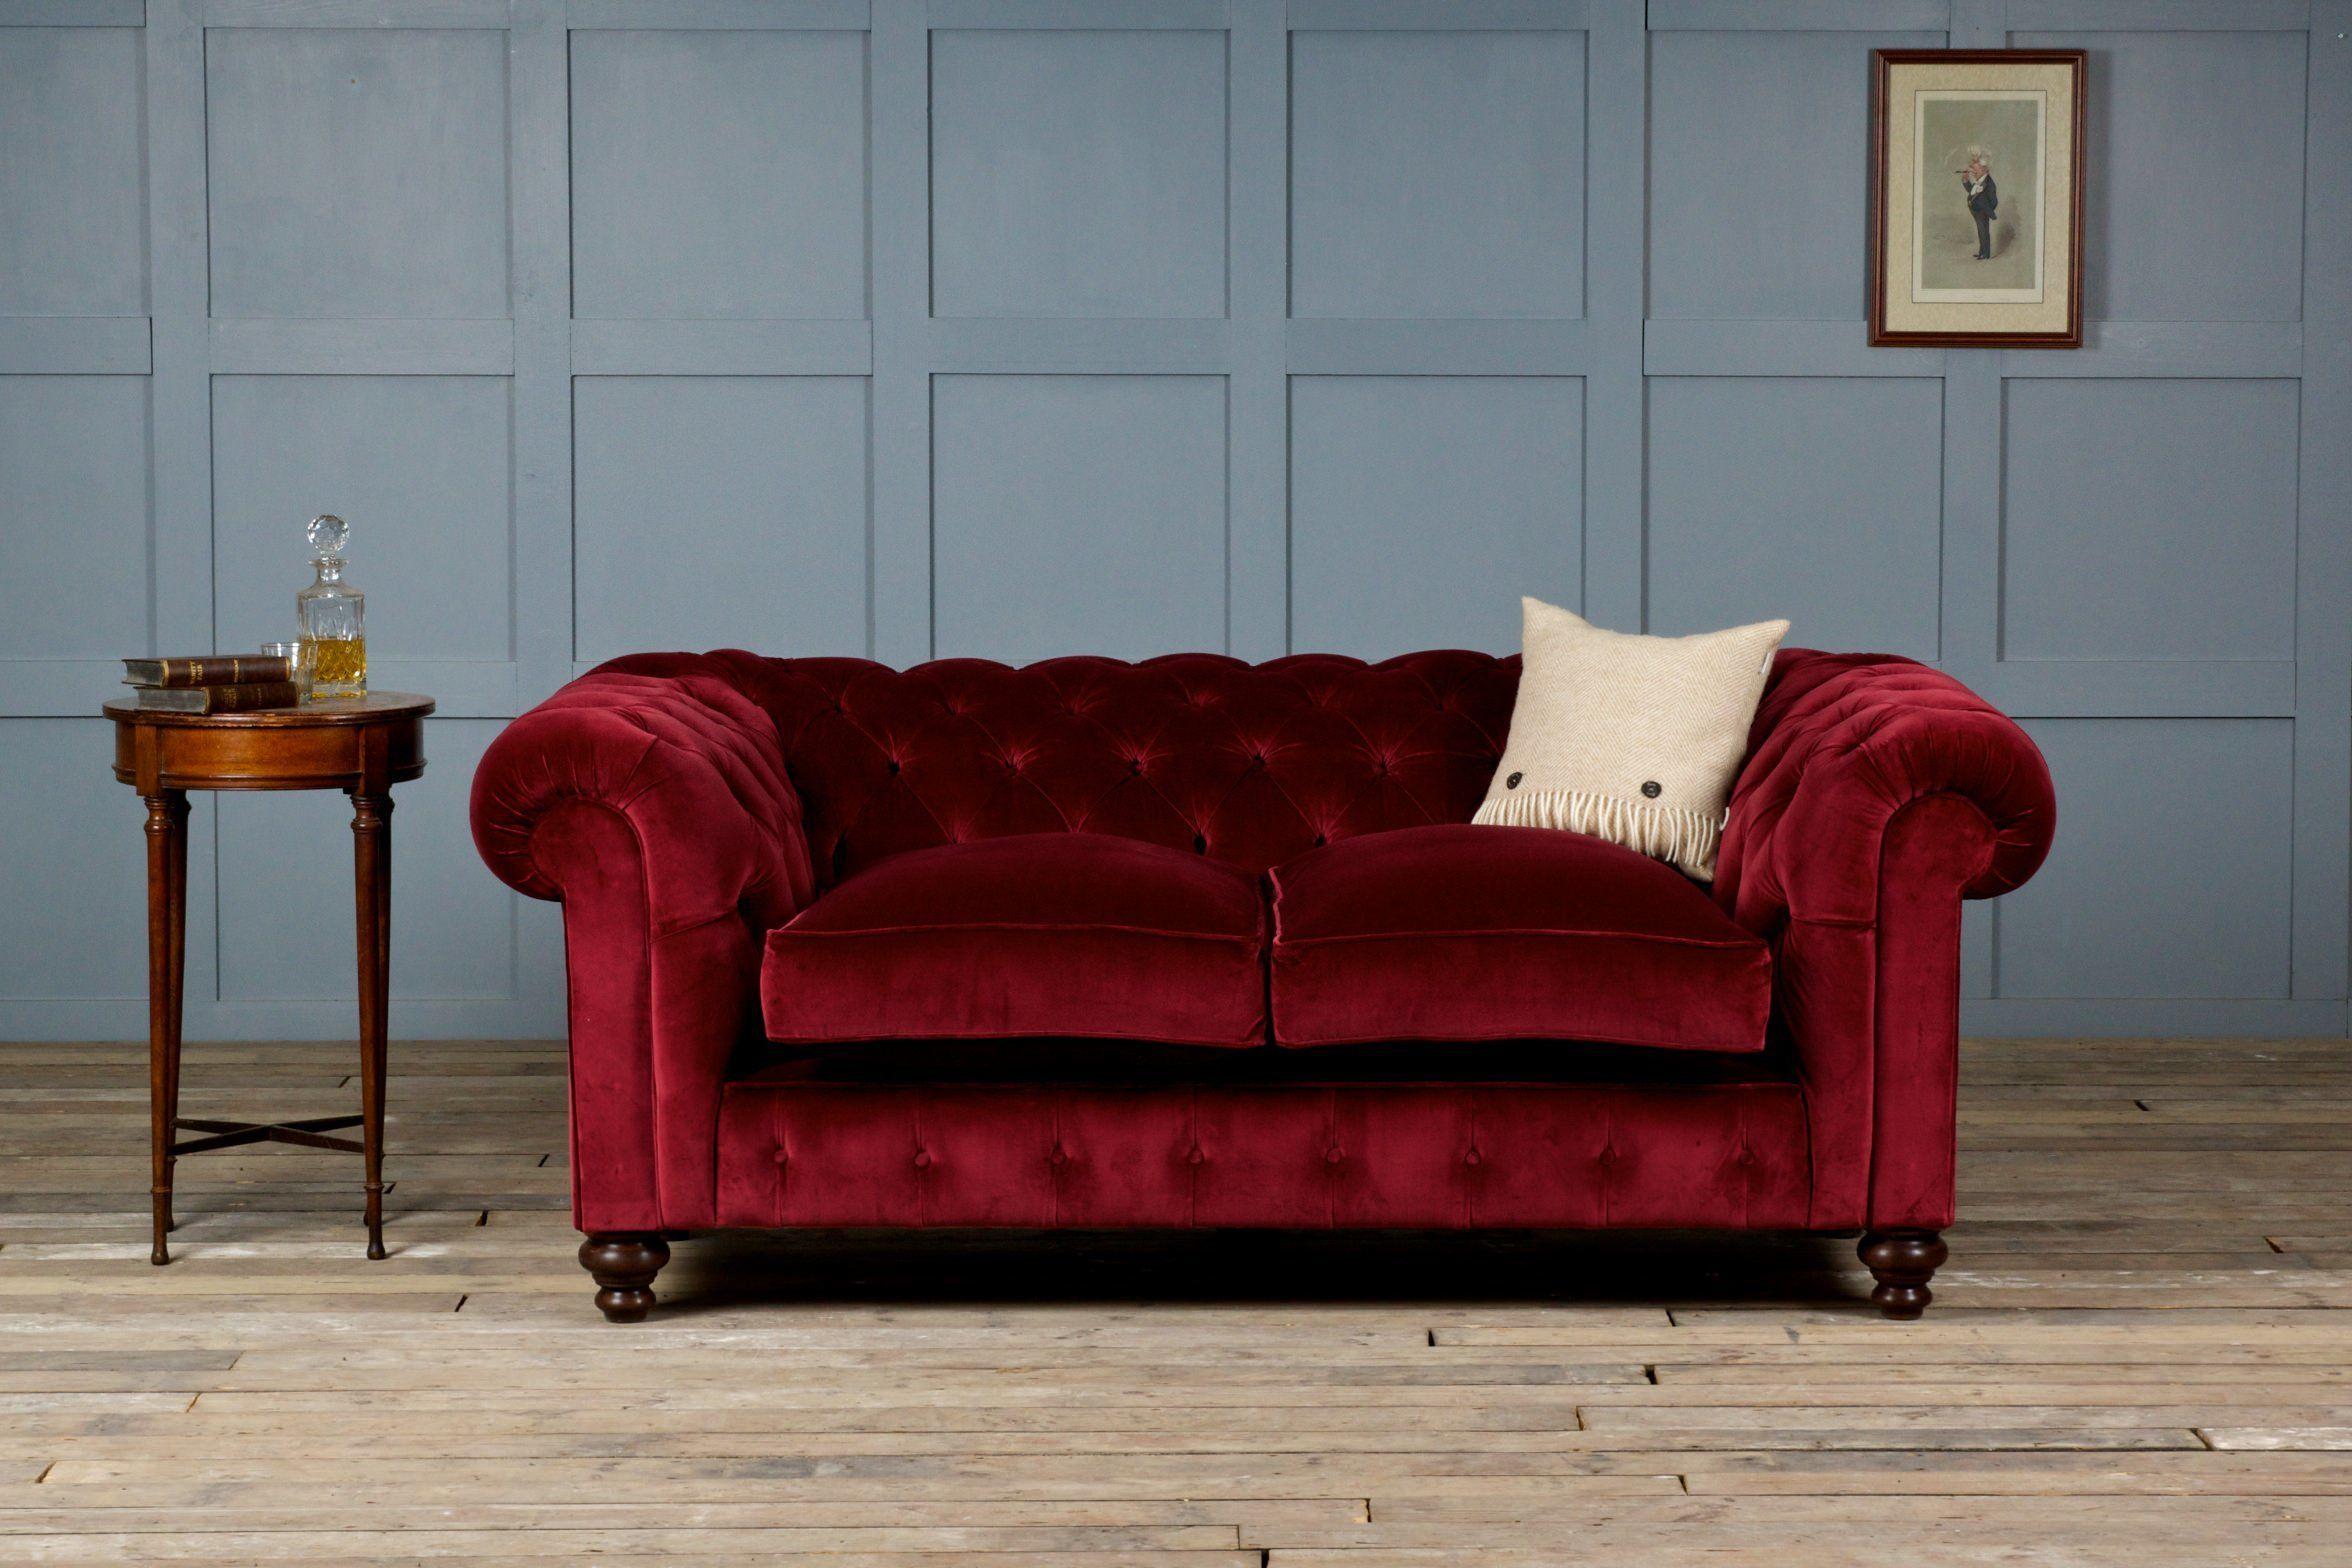 Dark Red Velvet Sofa Best Collections Of Sofas And Couches Sofacouchs Com Red Velvet Sofa Red Sofa Velvet Living Room